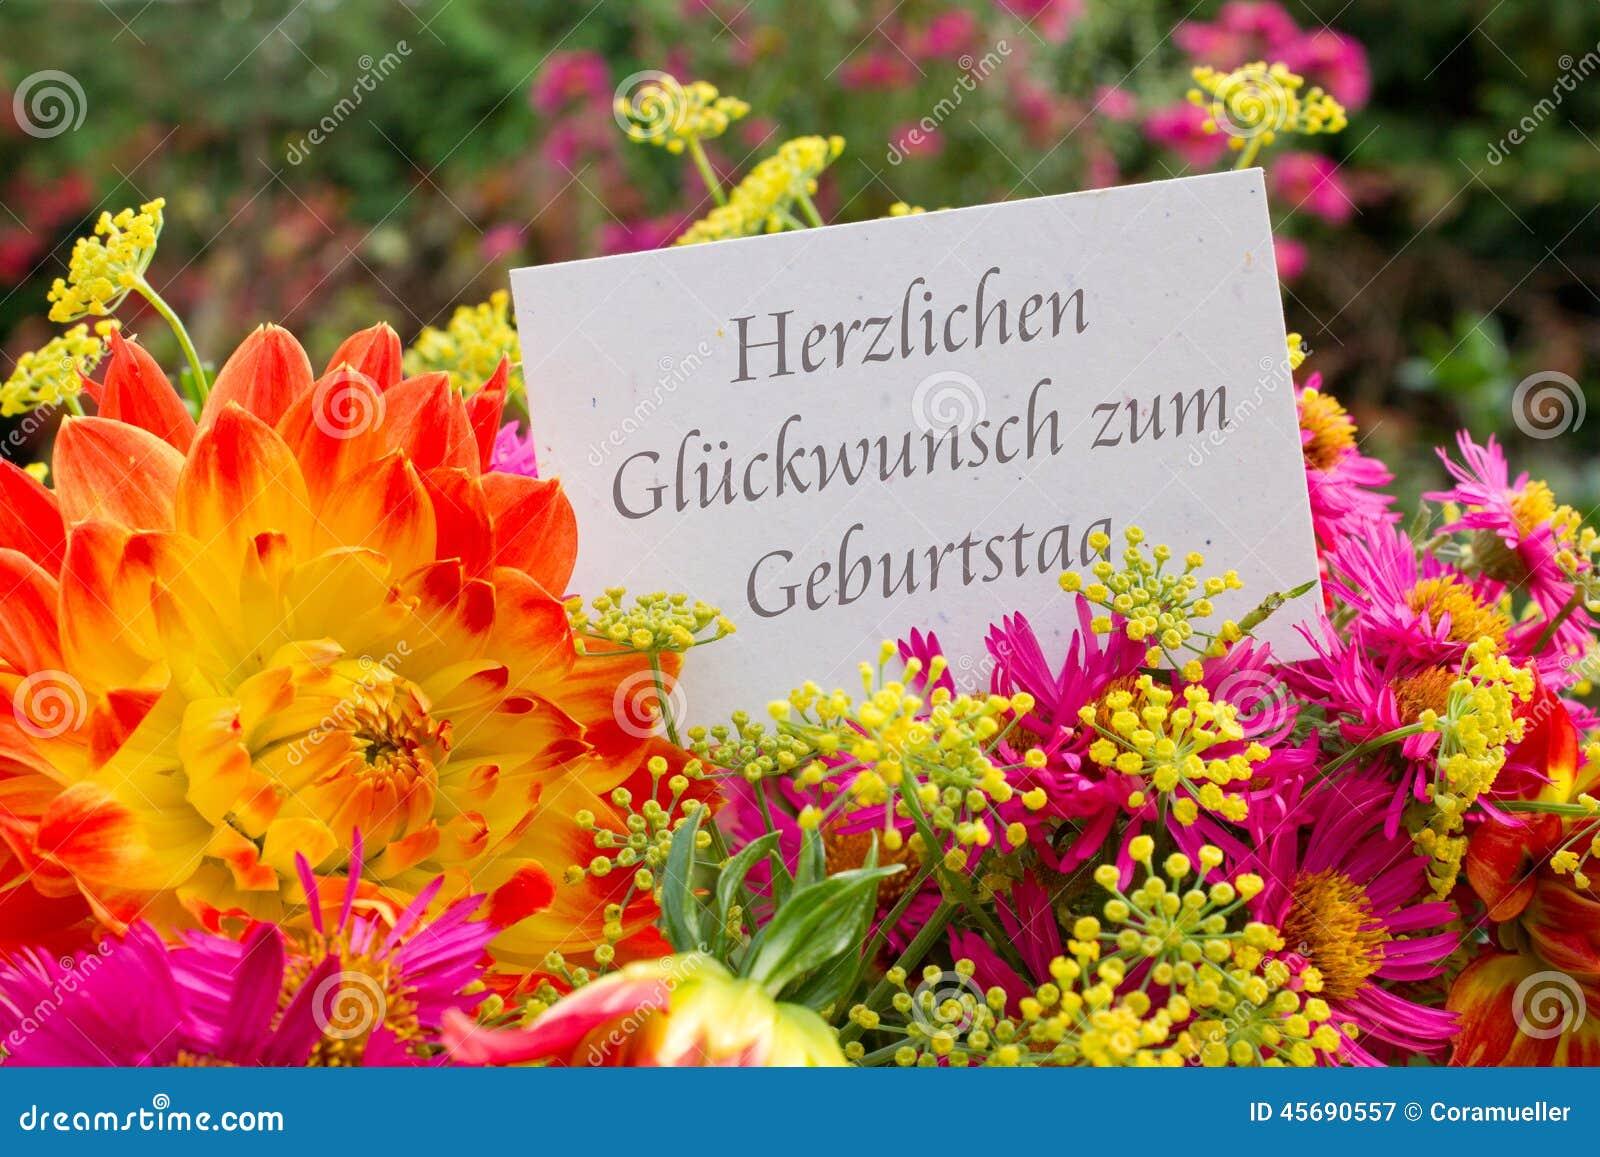 Buon Compleanno Fotografia Stock Immagine 45690557